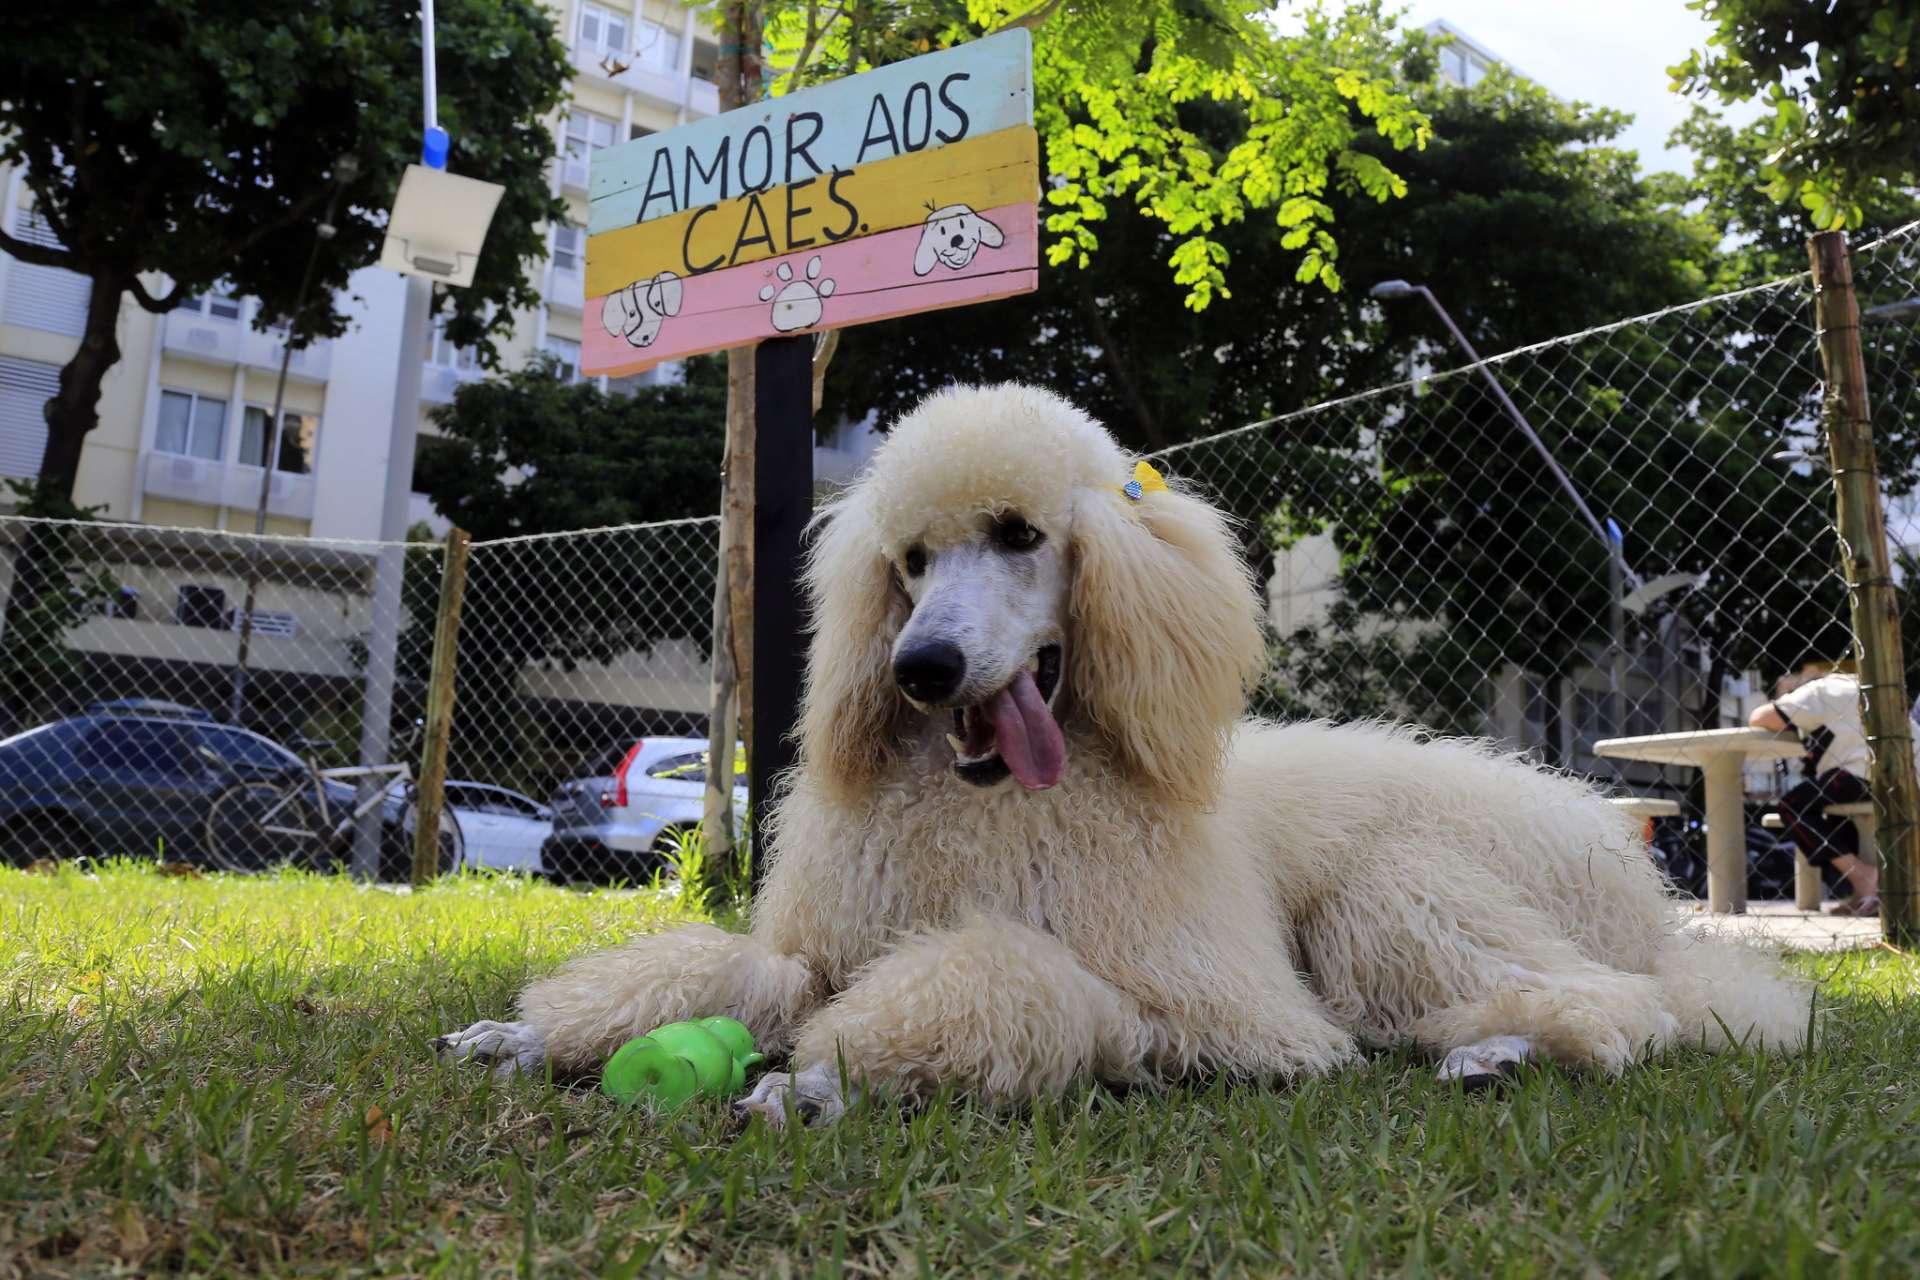 Teresa, de 8 meses, descansa no Parcão inaugurado no Leblon. Foto: Marcos de Paula / Prefeitura do Rio